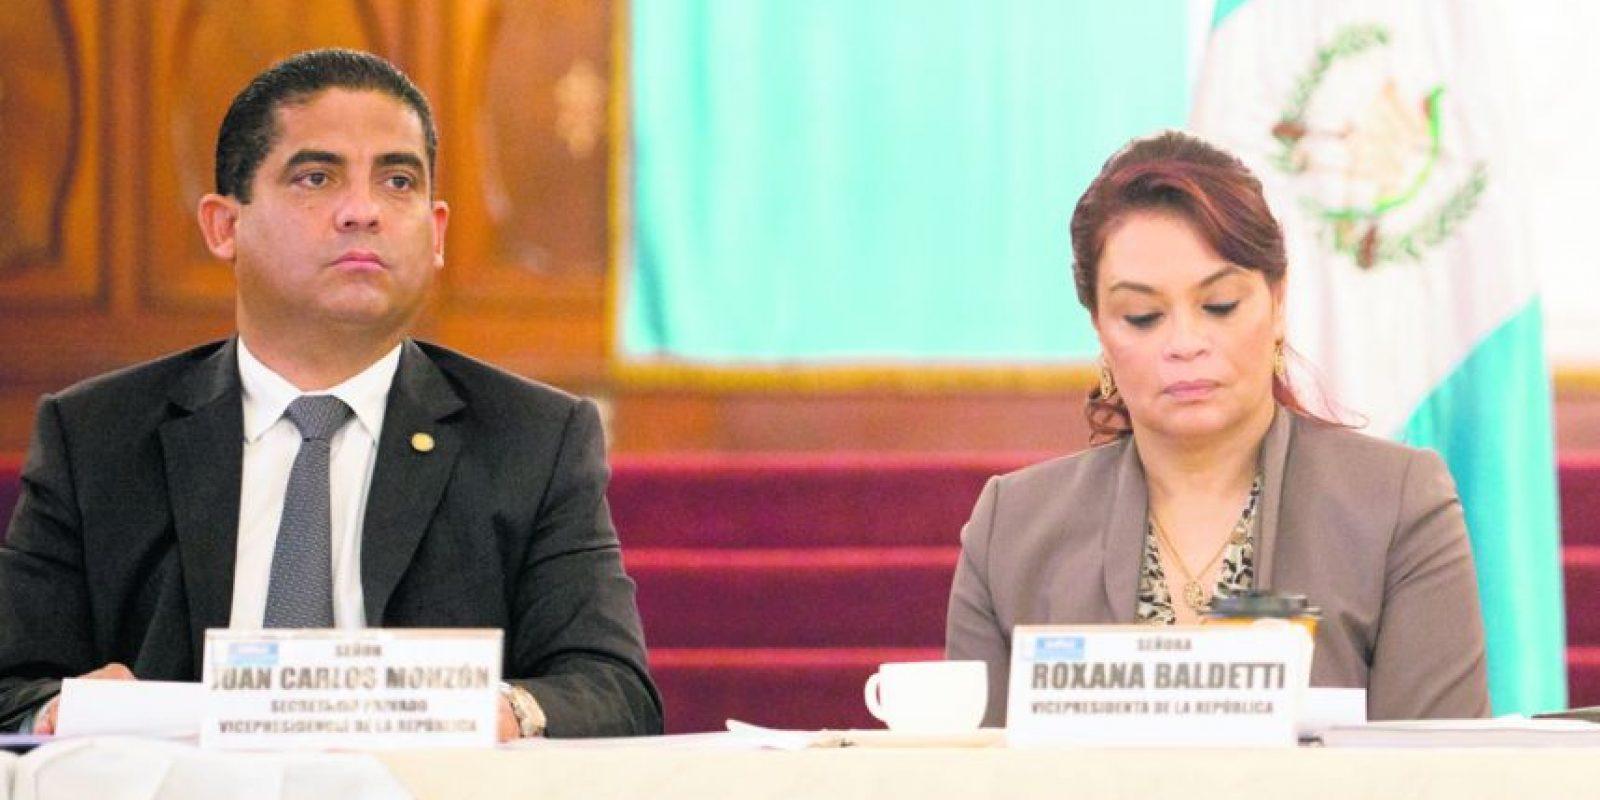 Juan Carlos Monzón y Baldetti. Foto:Publinews